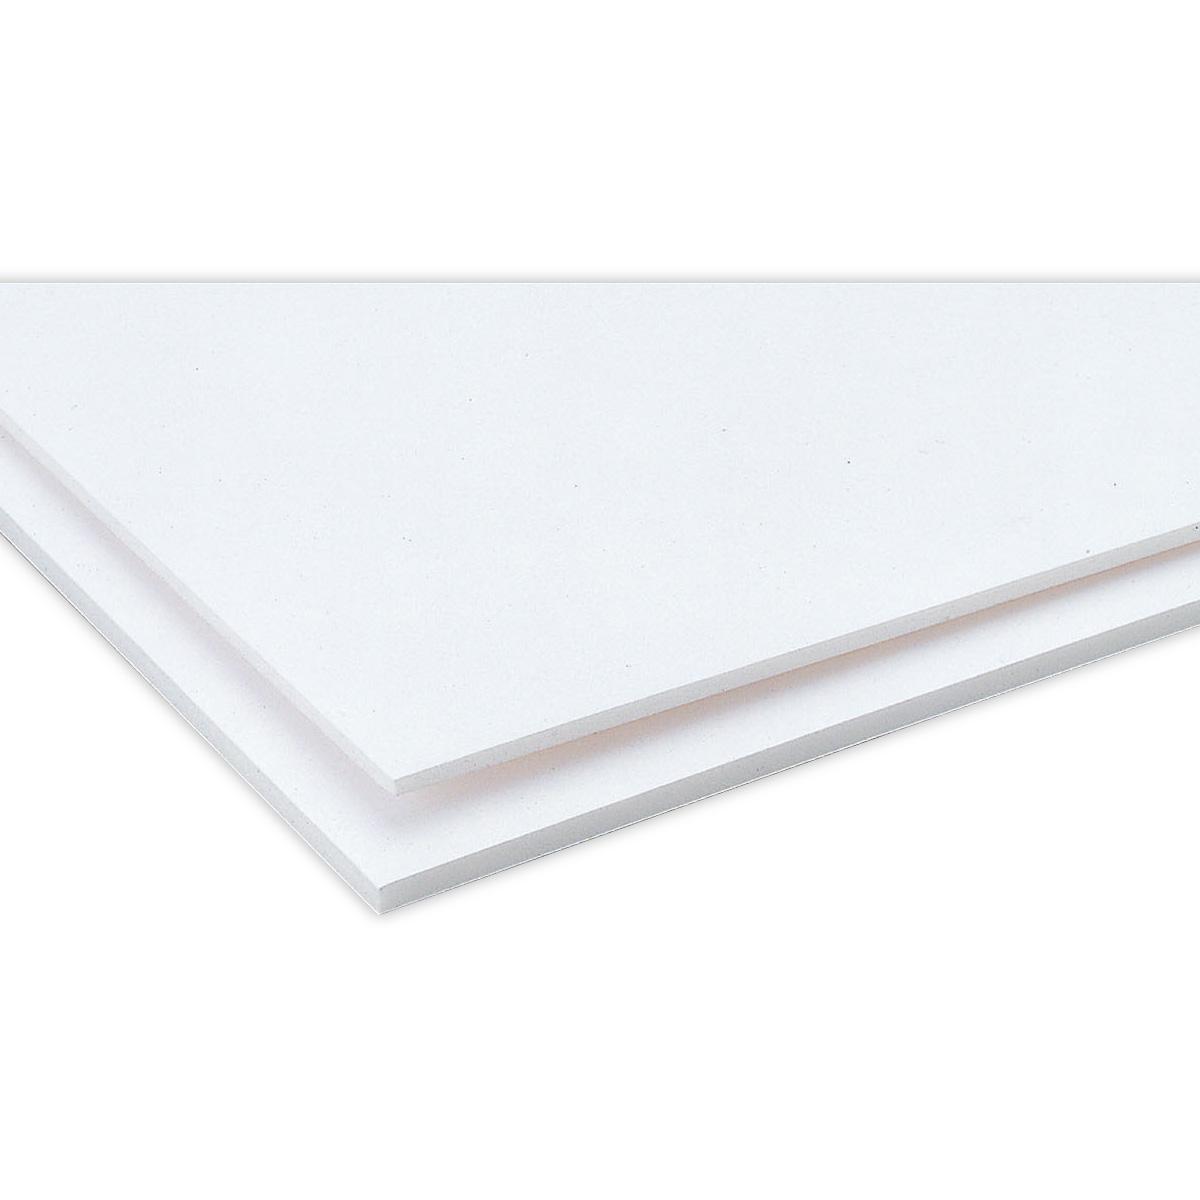 紙貼りスチレンボード 両面白紙貼済 400x550x3mm ボード 工作 教材 材料 学習教材 理科 アーテック